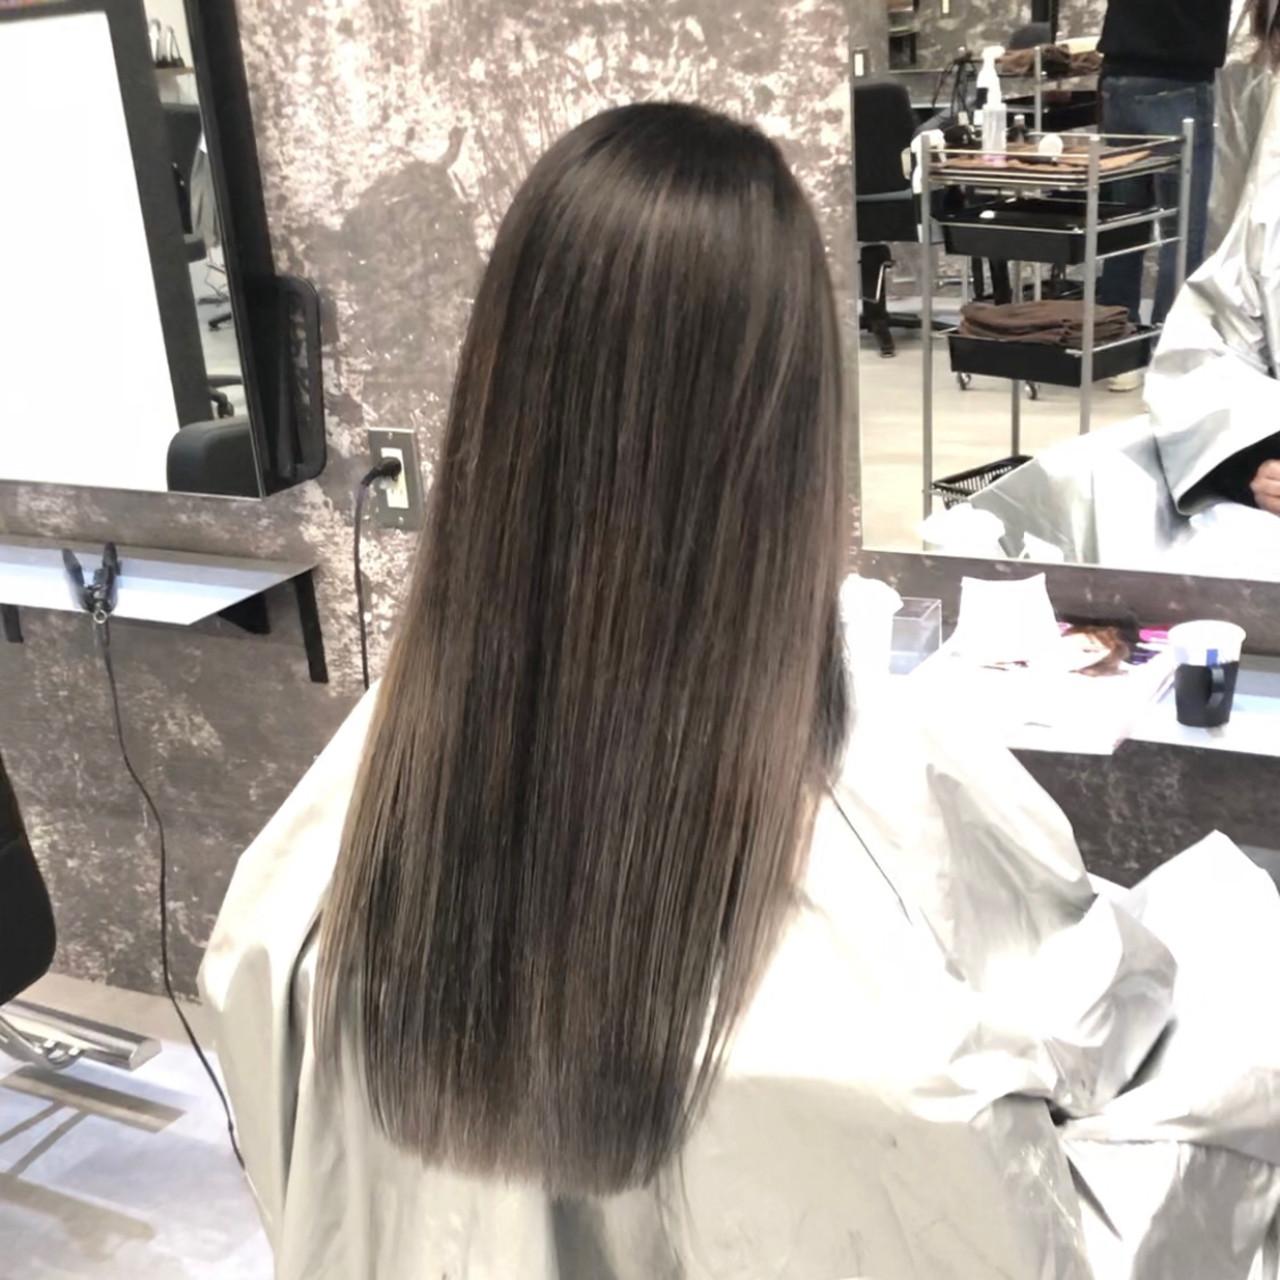 ロング 外国人風 外国人風カラー バレイヤージュ ヘアスタイルや髪型の写真・画像   アンドウ ユウ / agu hair edge